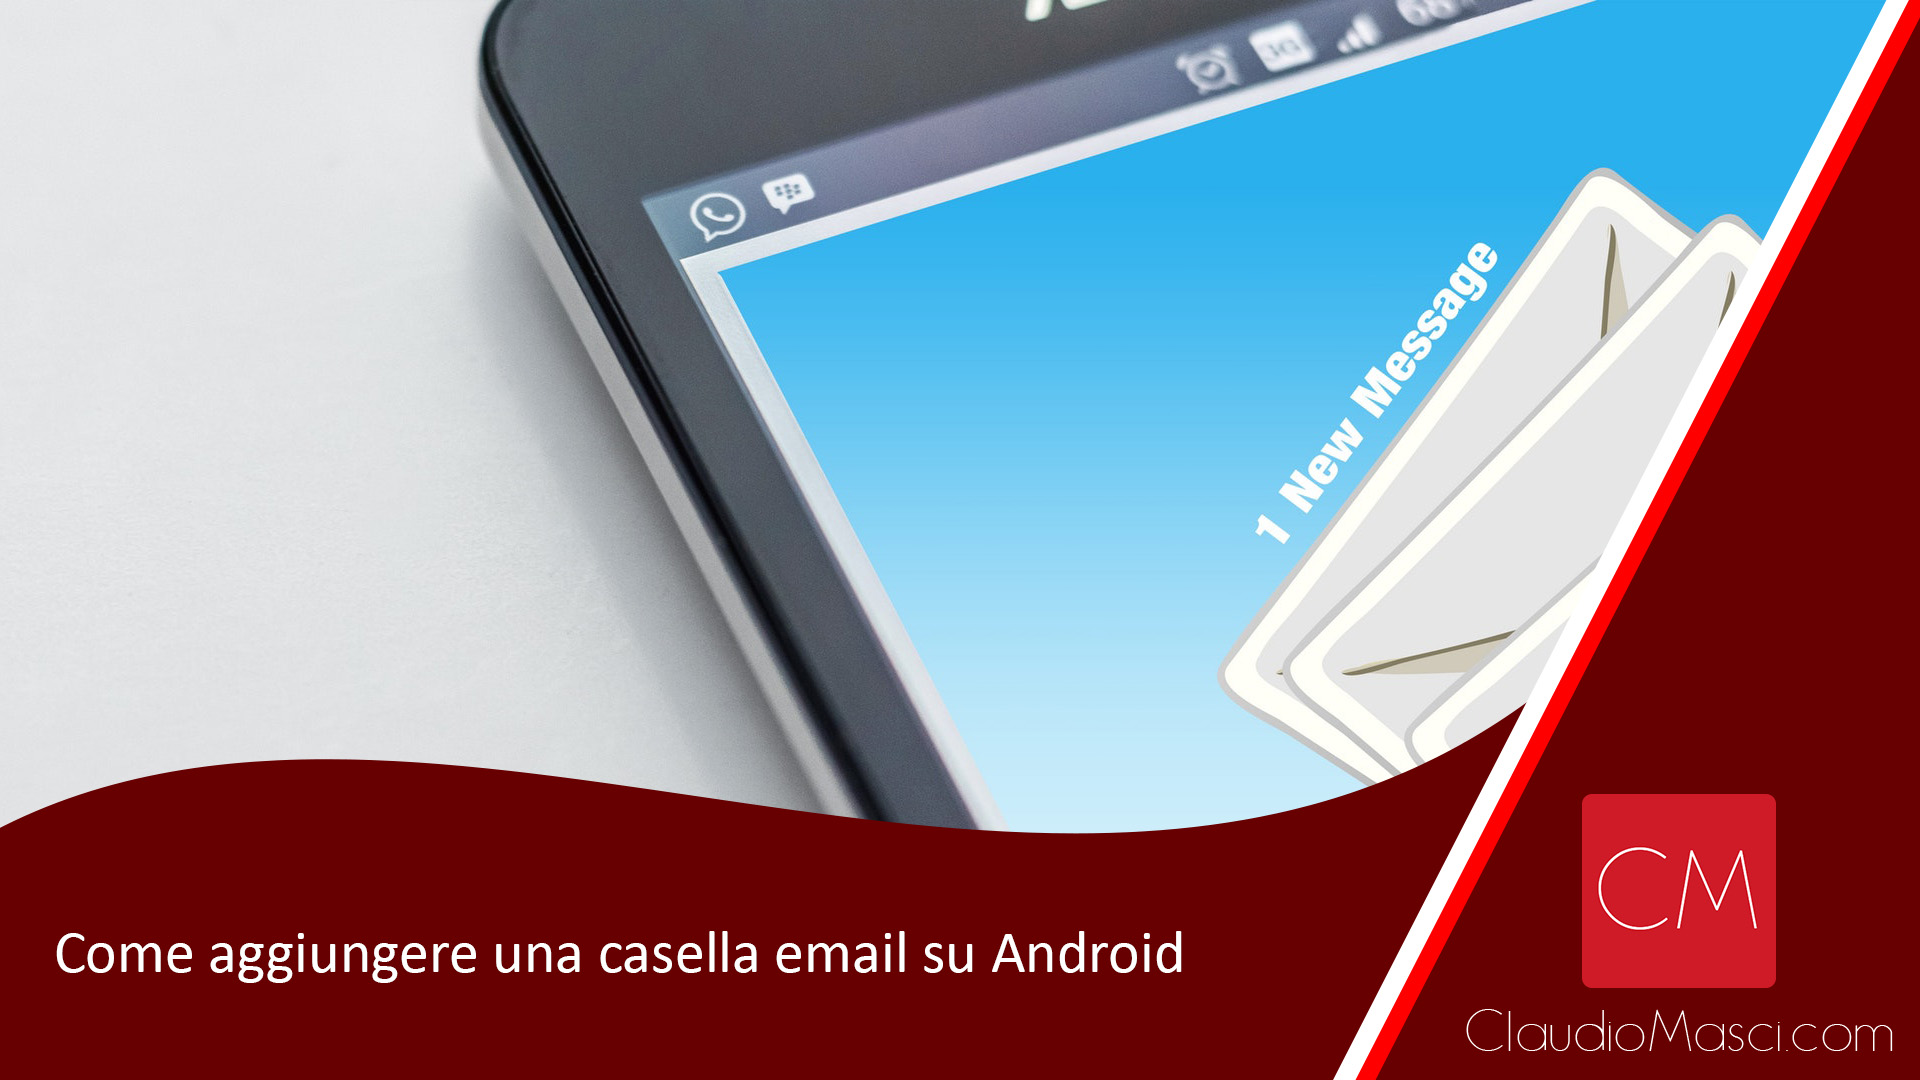 Come aggiungere una casella email su Android